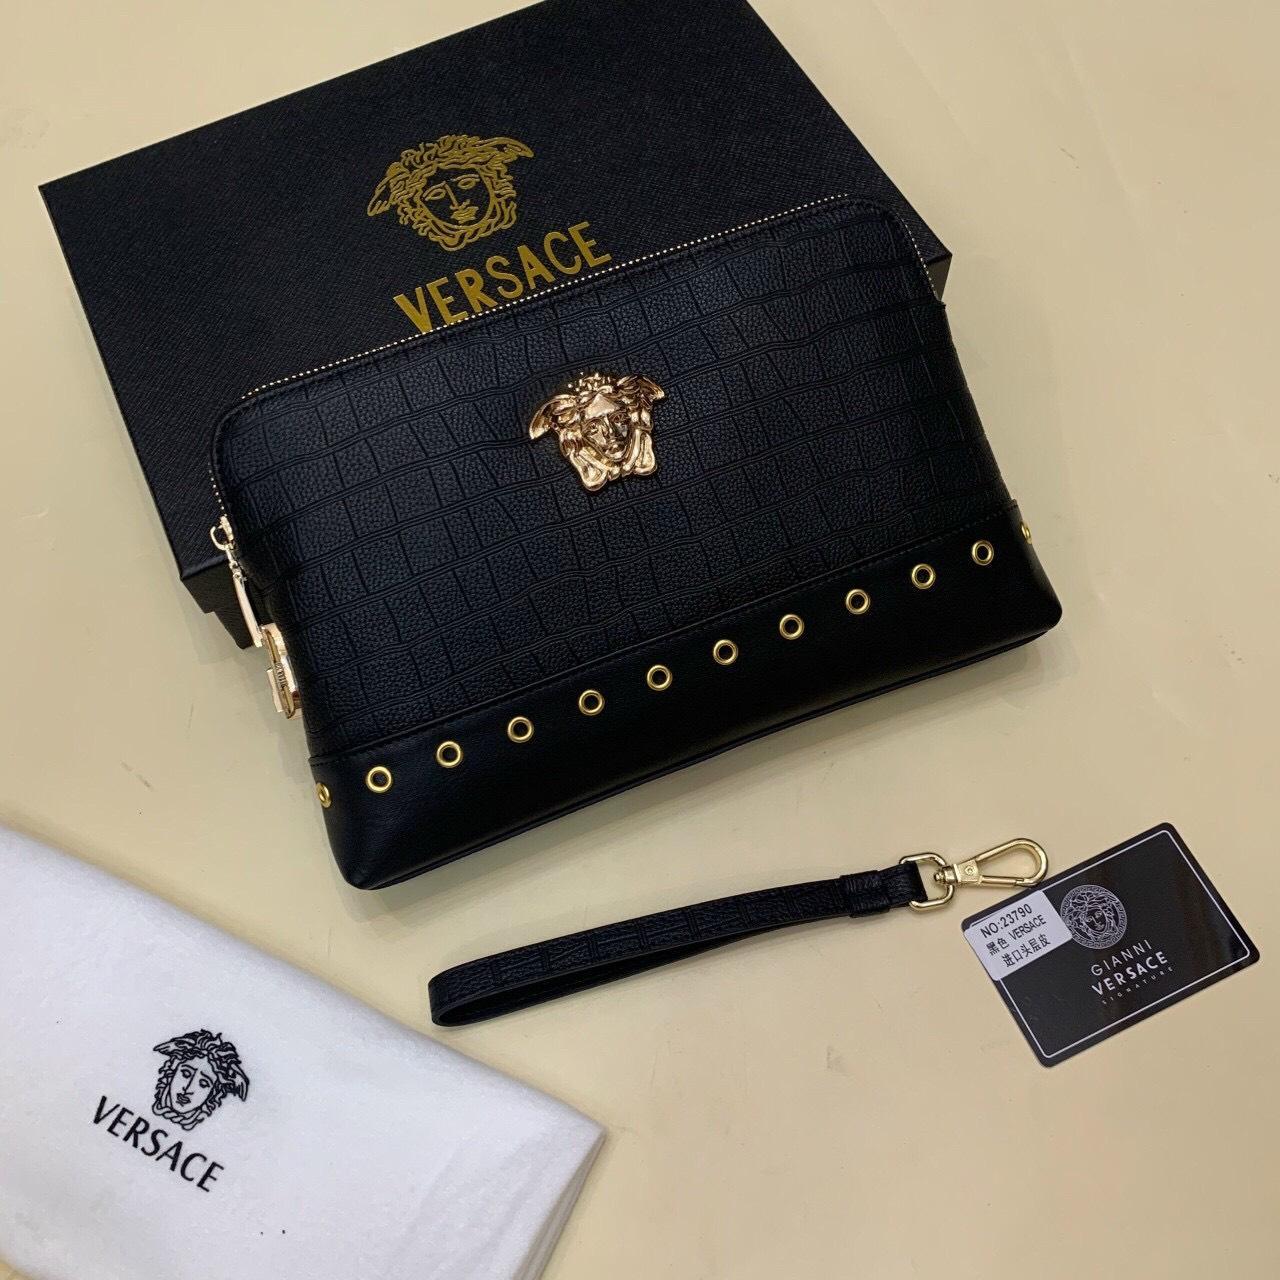 Ví nam Versace siêu cấp cầm tay hoạ tiết đính ốc VNVS17